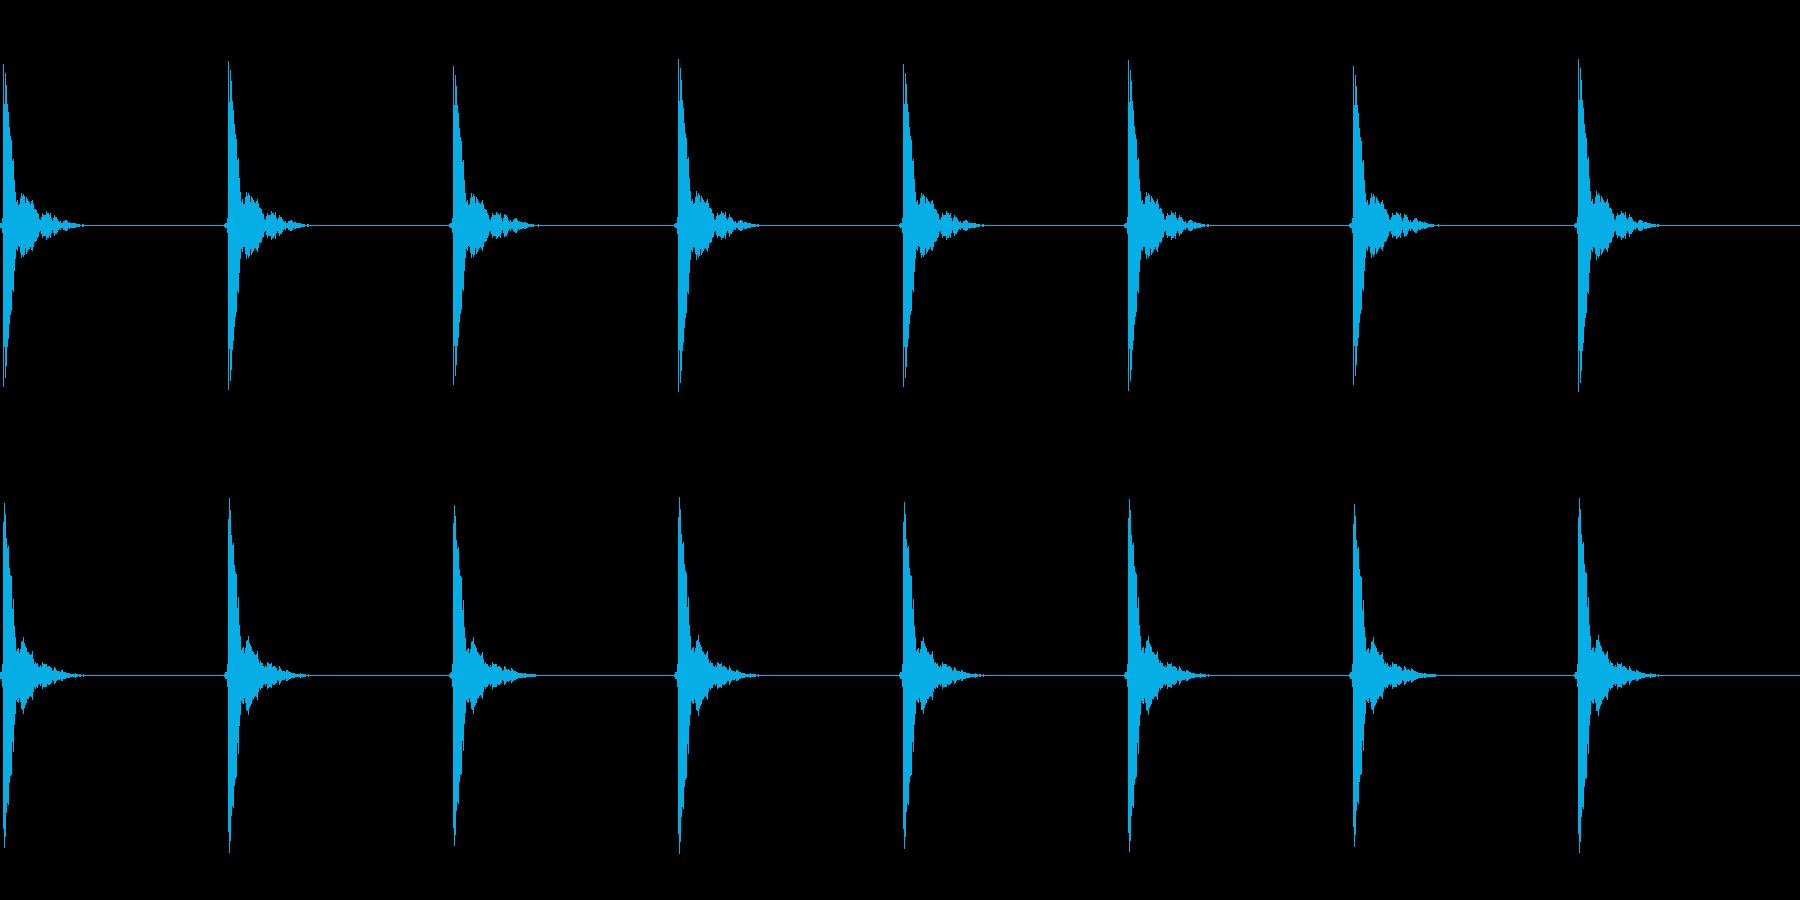 ポクポク…(木魚/シンキングタイム)の再生済みの波形